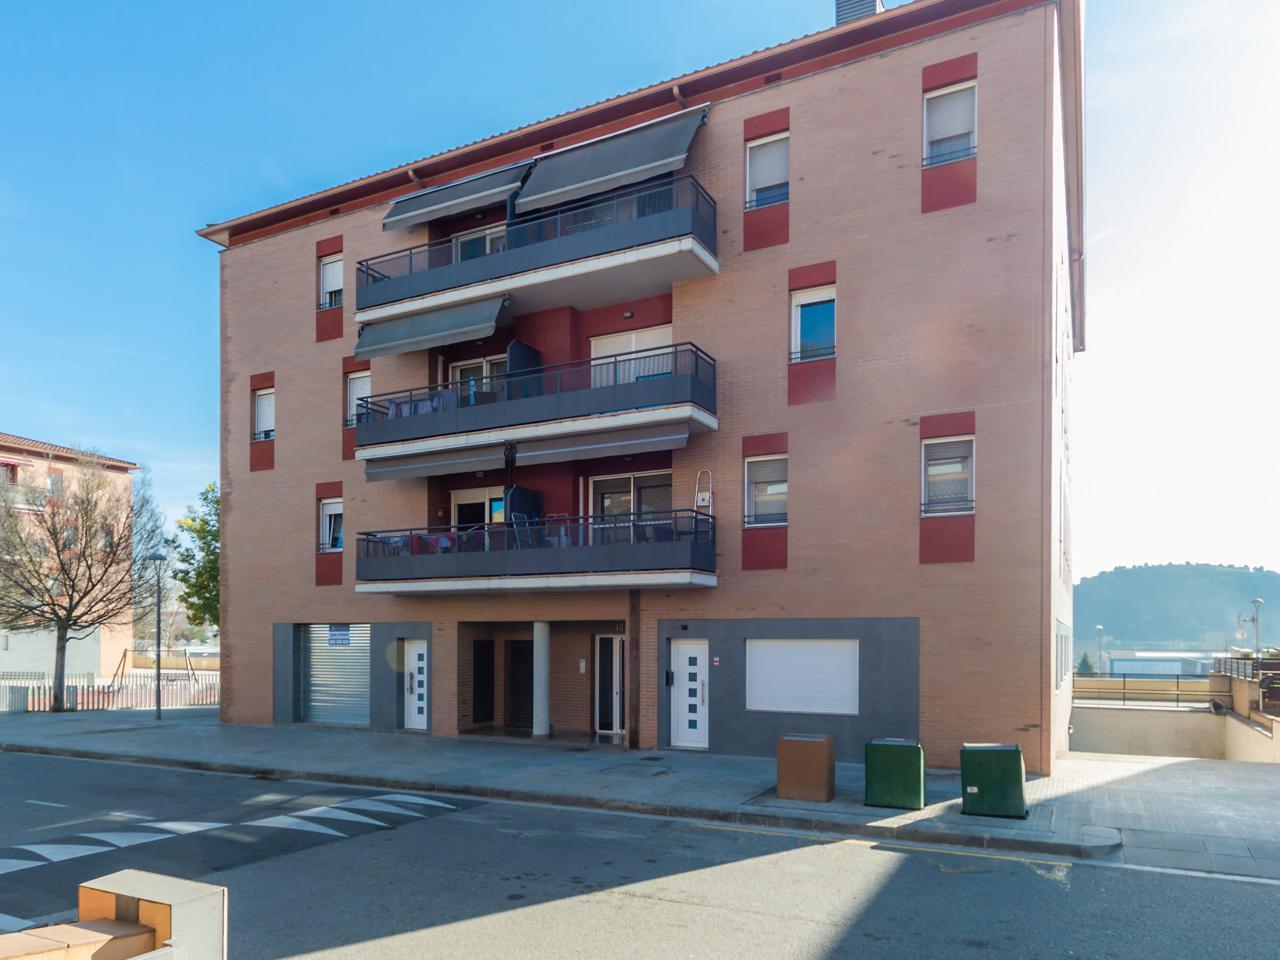 piso en montmelo · carrer-ayrton-senna-08160 217400€